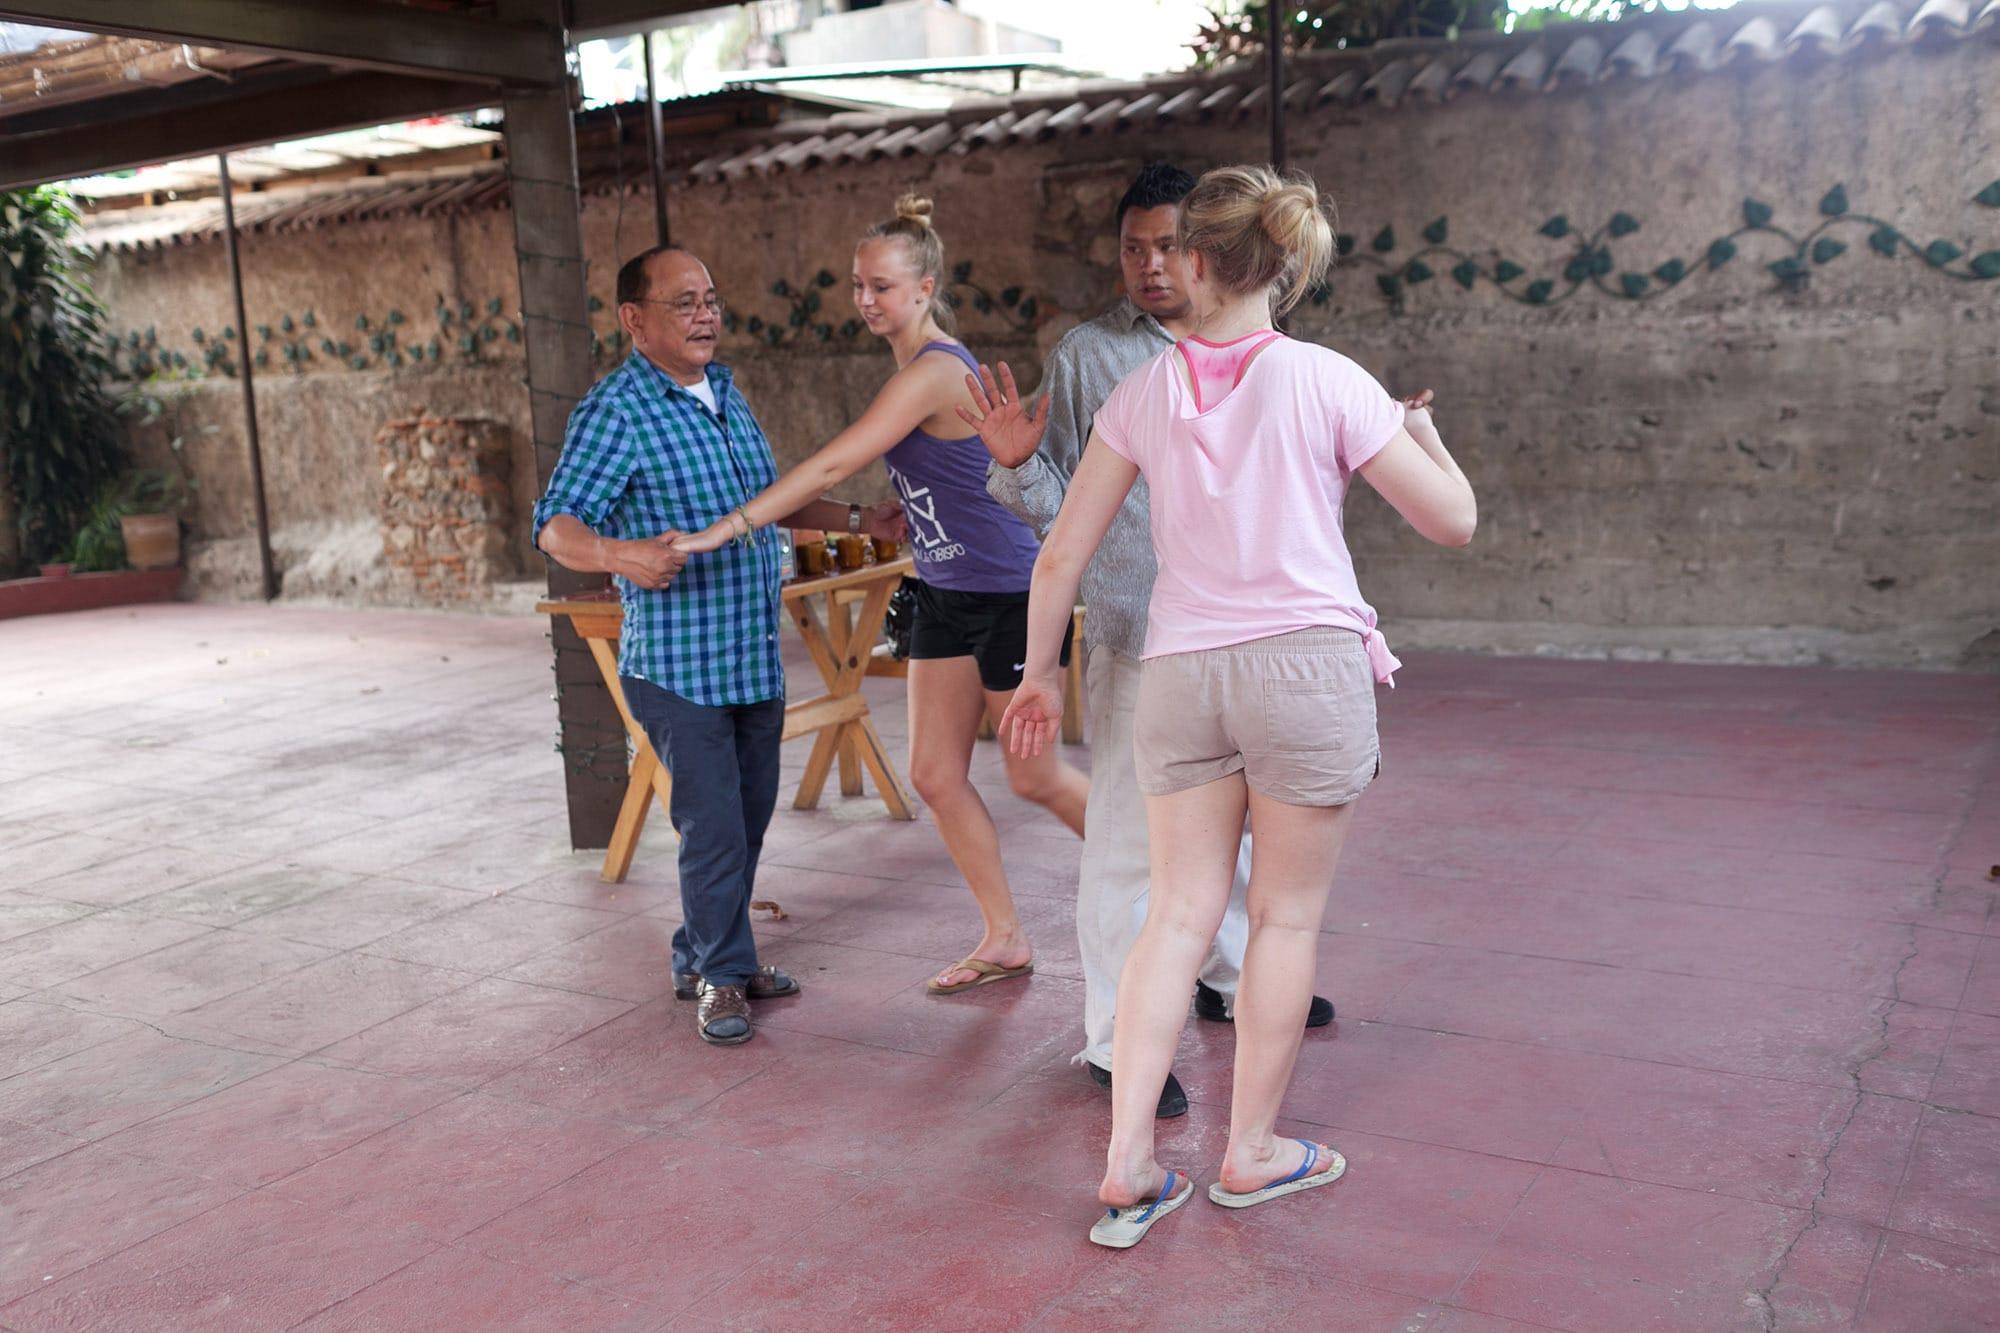 Salsa dancing in Antigua, Guatemala